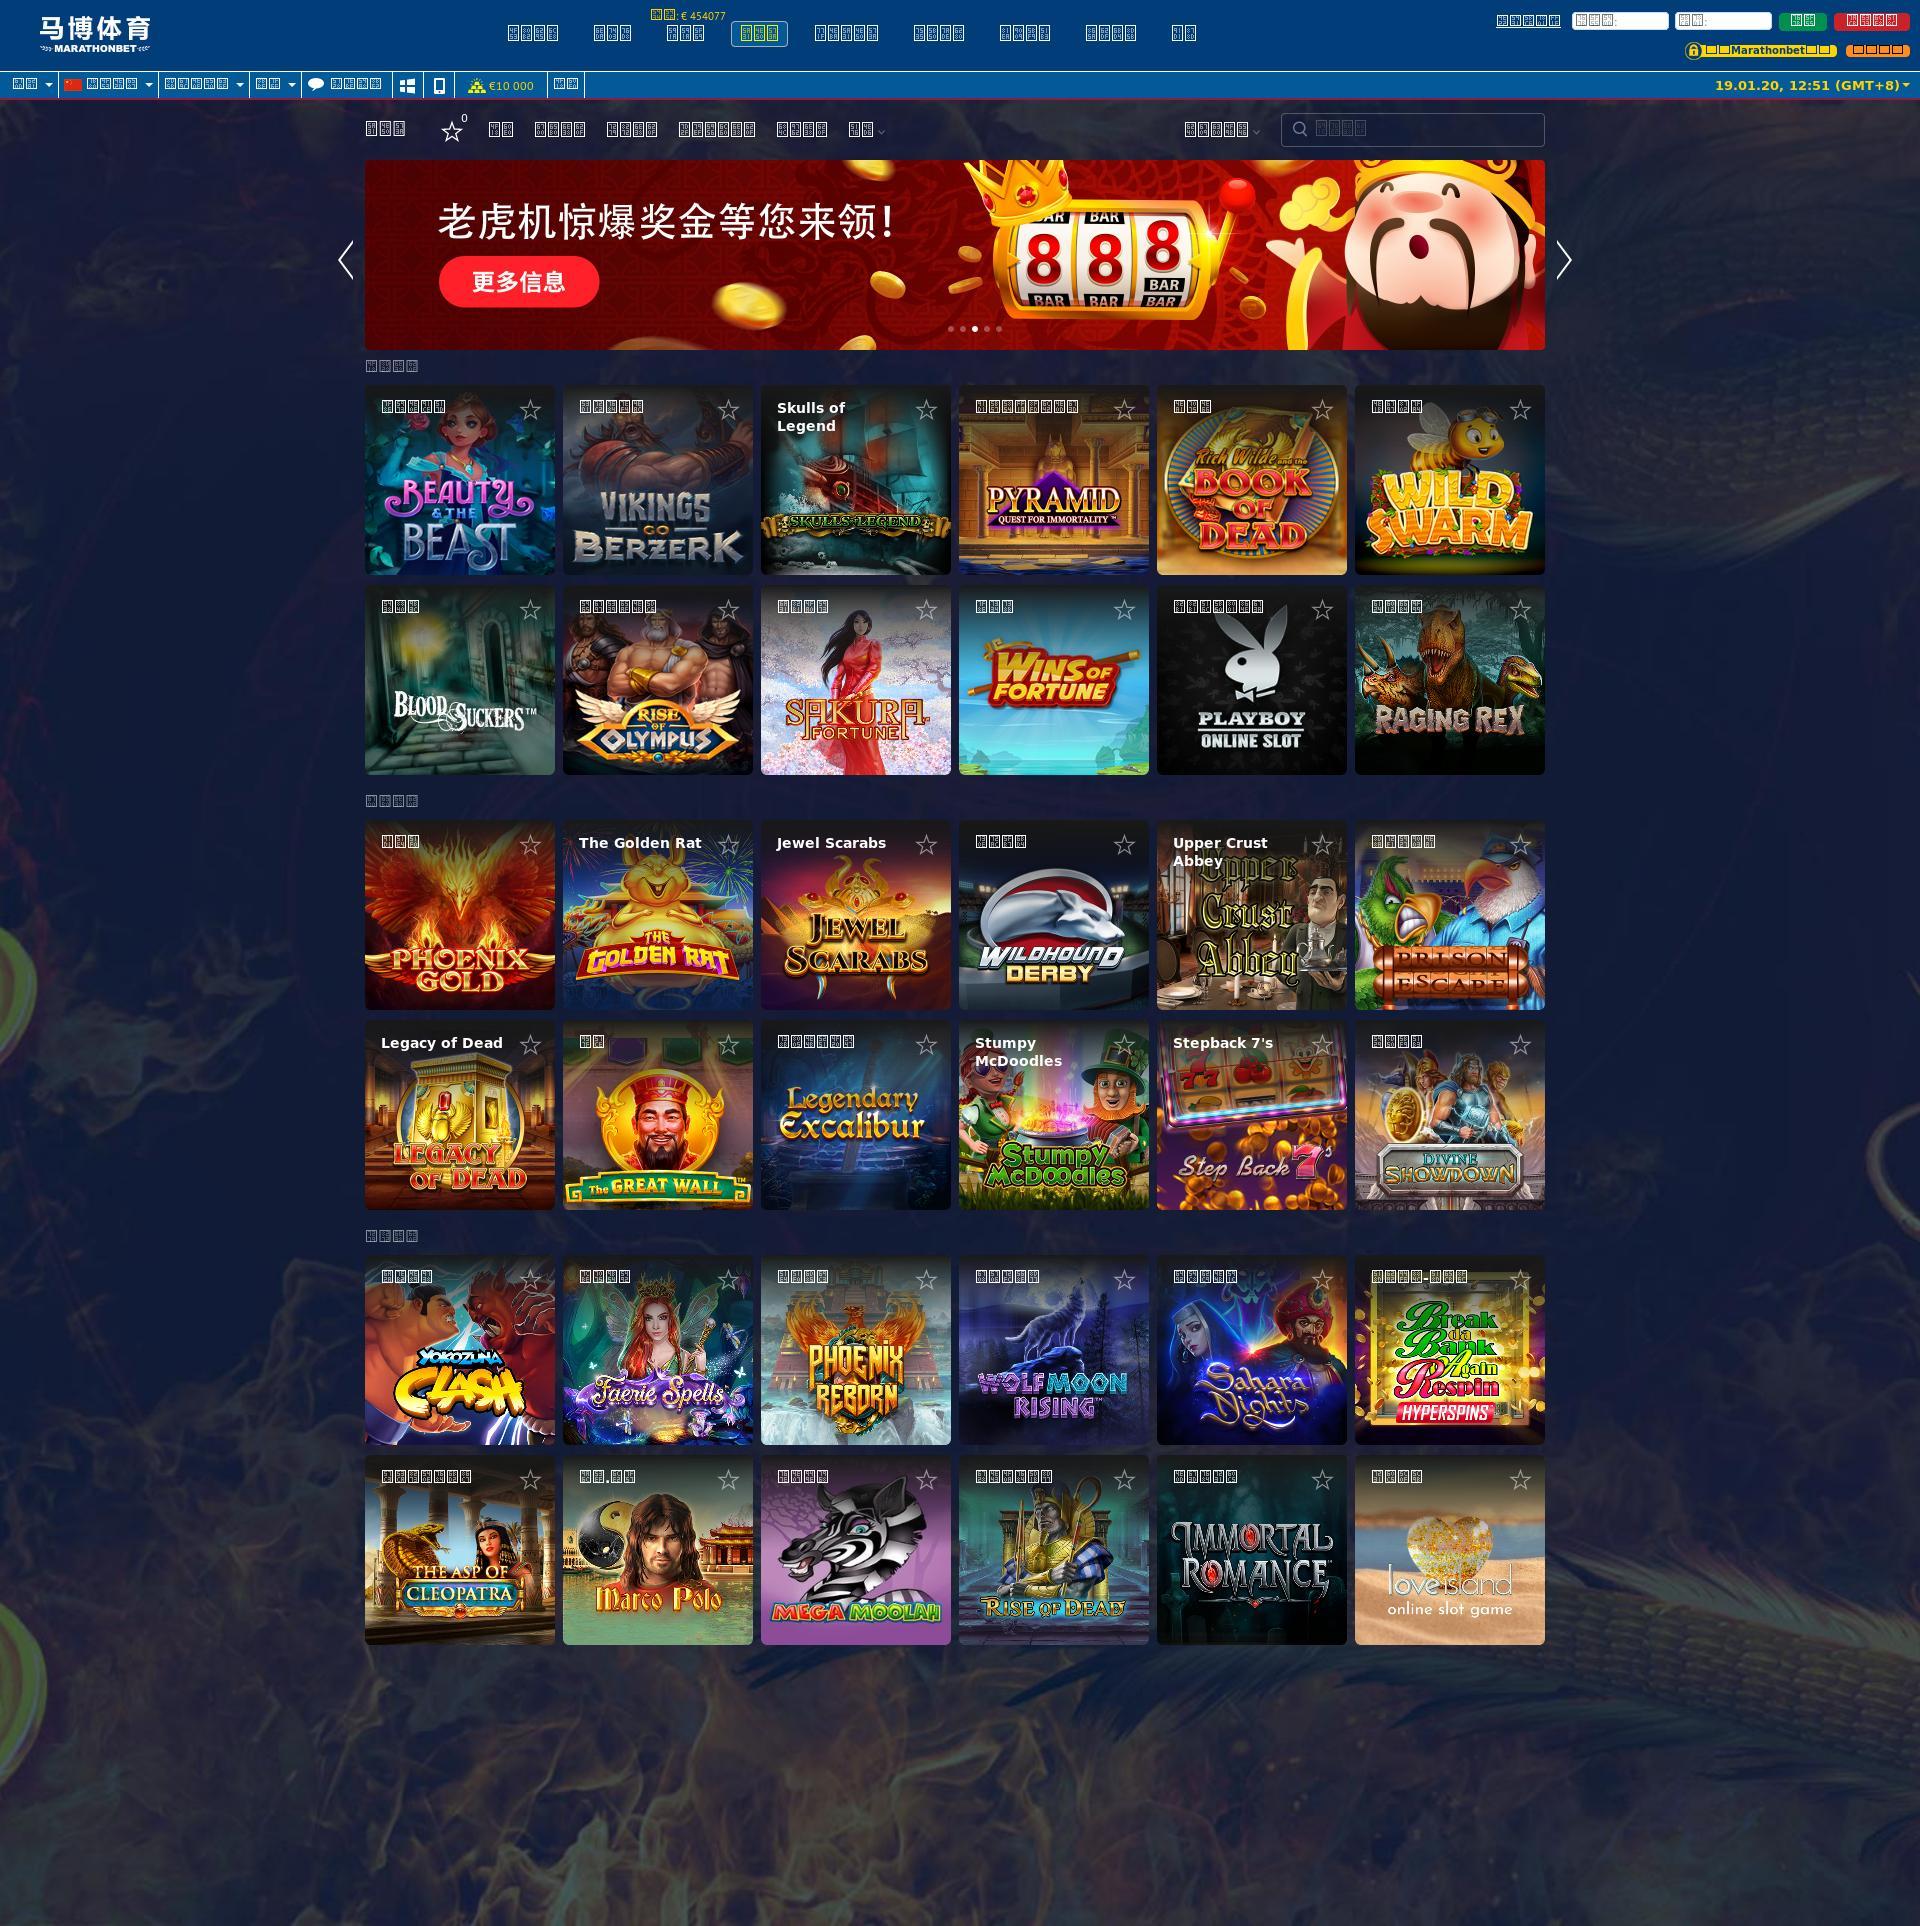 赌场的屏幕 Lobby 2020-01-19 对于 中国